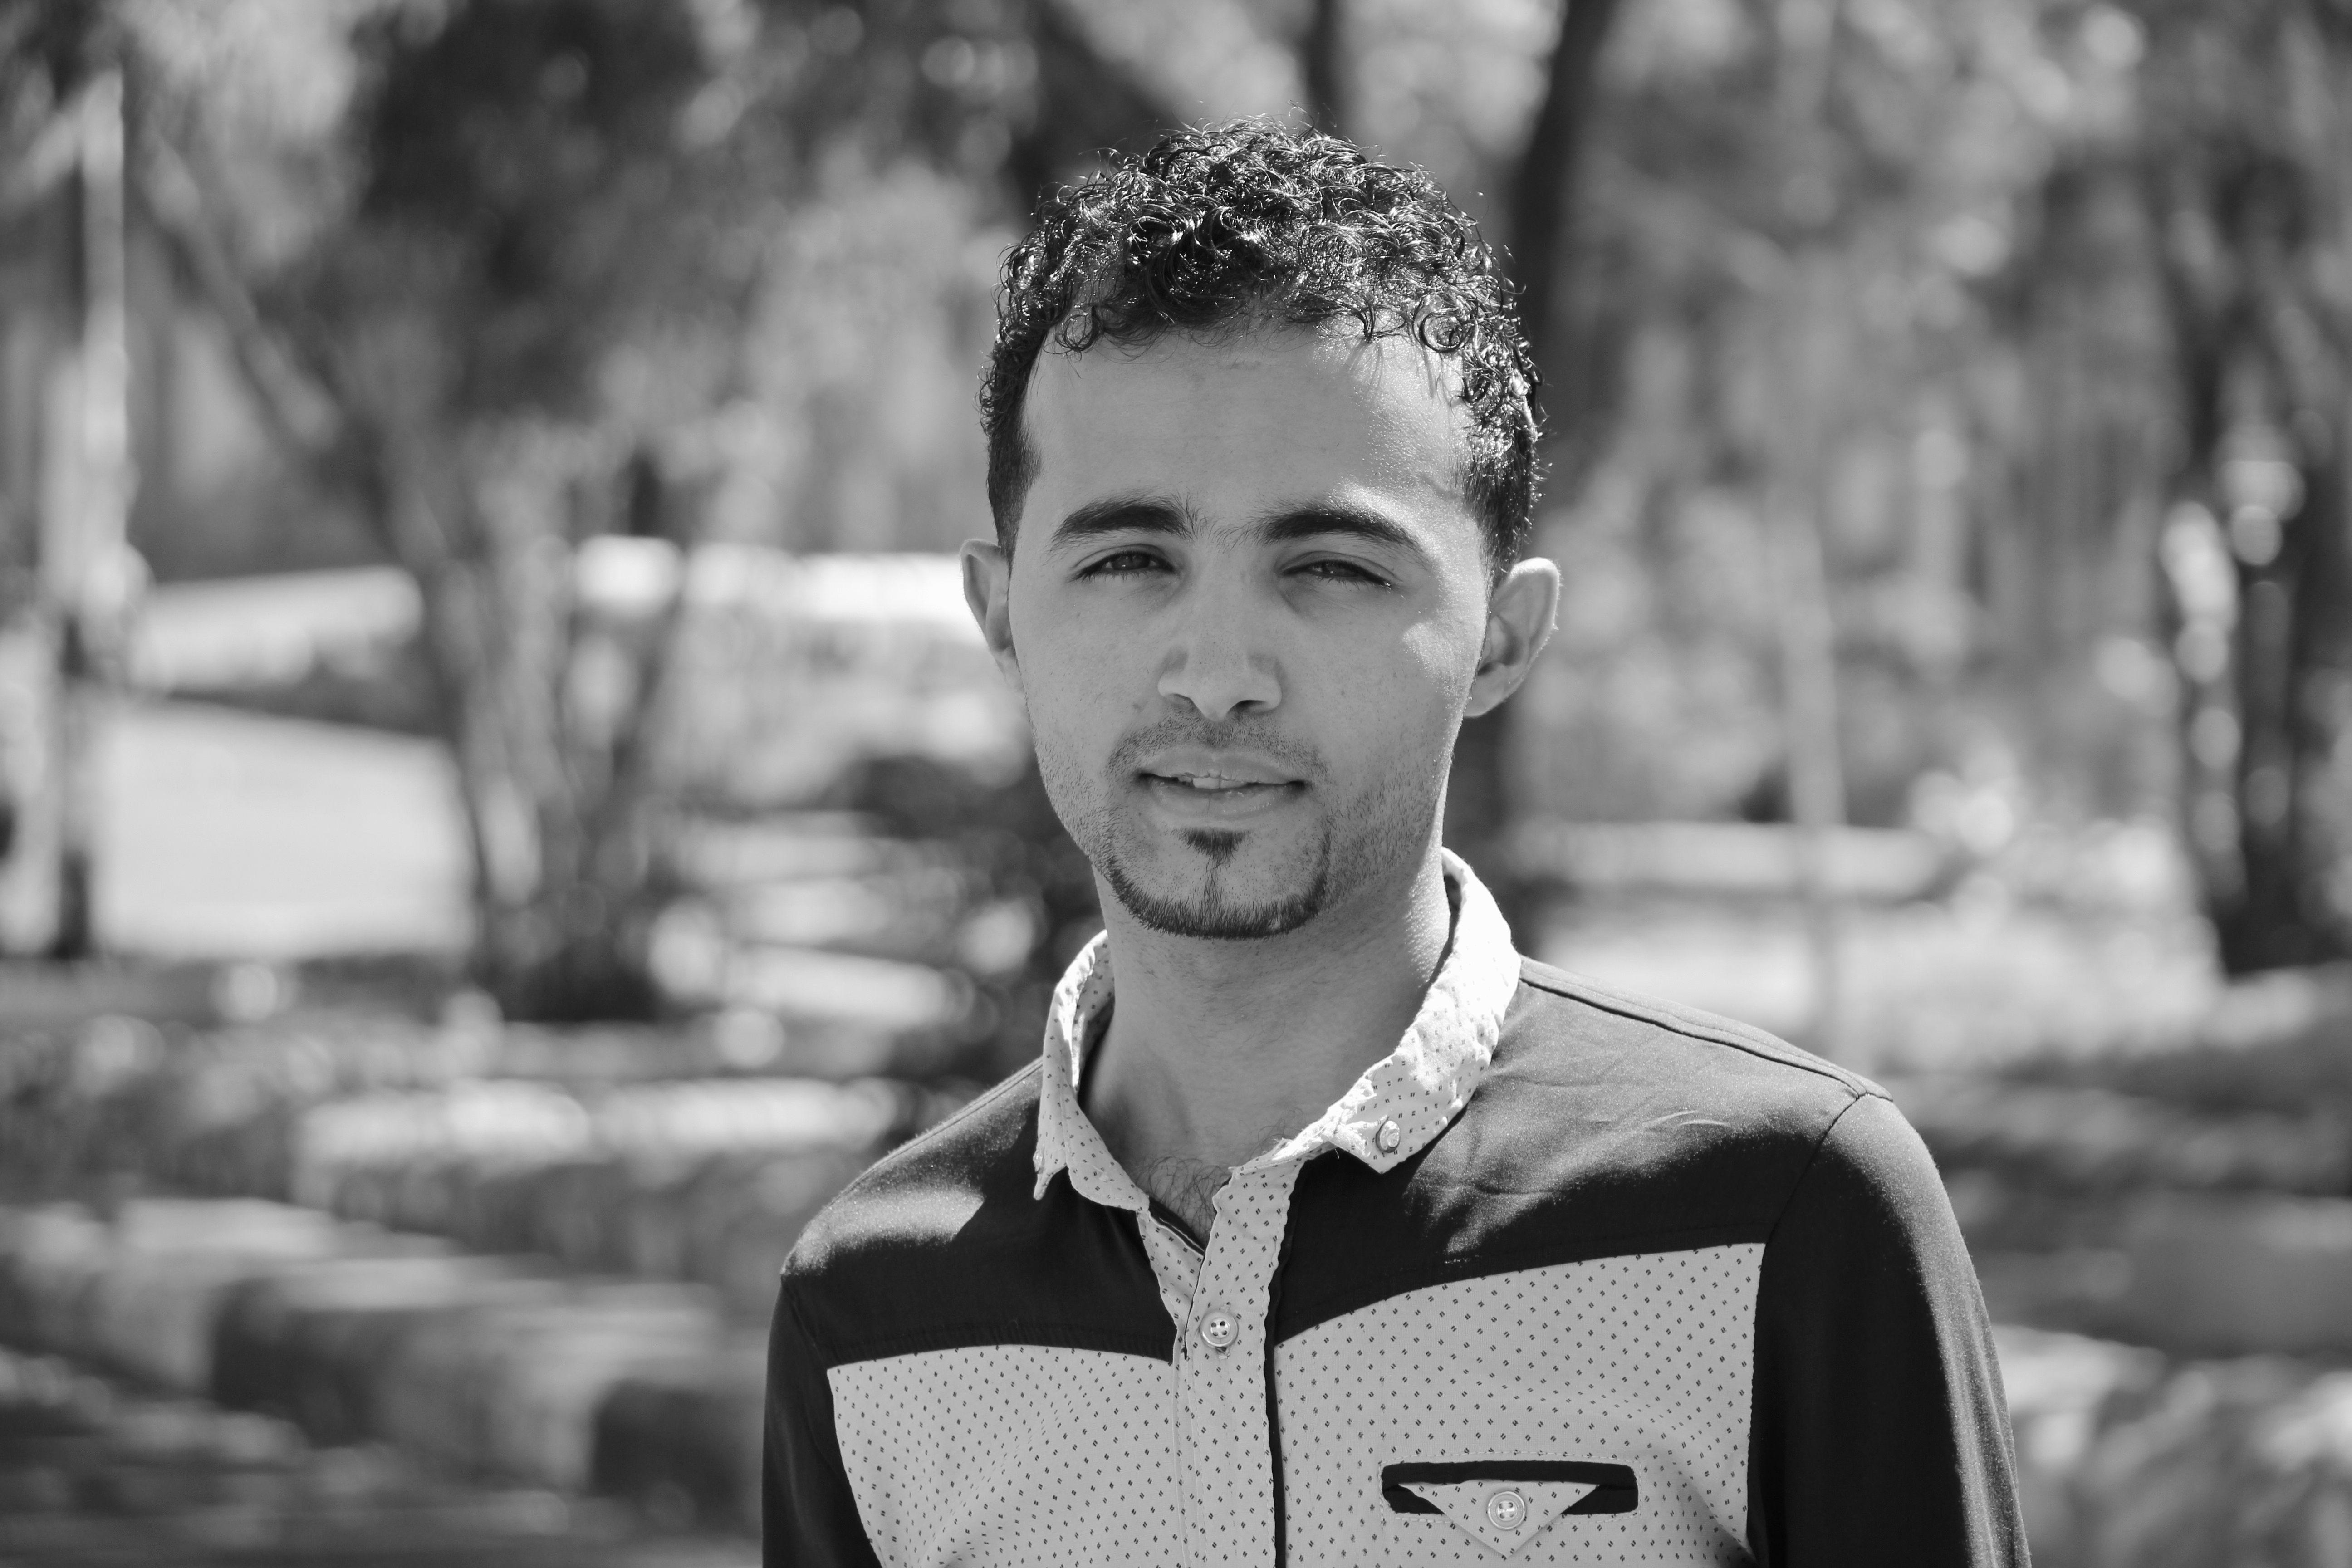 عبدالرحمن عبدالله محمد Headshot